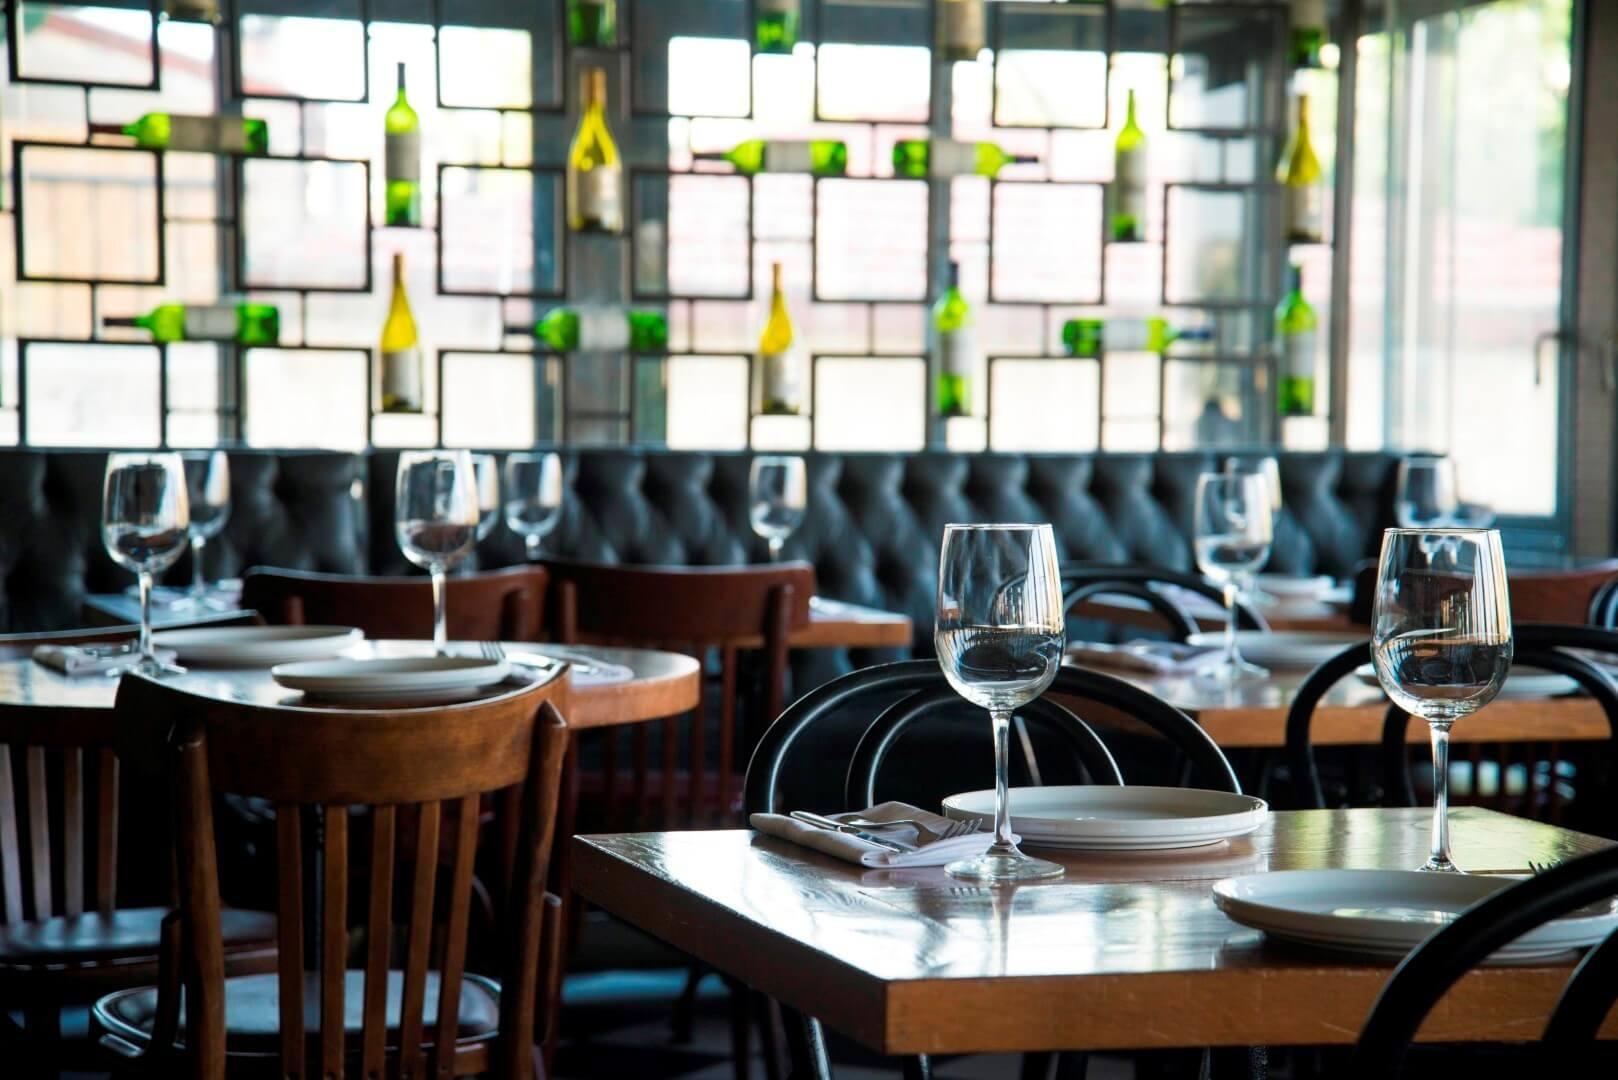 12 ארוחה זוגית במסעדת טורו של השף בני אשכנזי, ירושלים